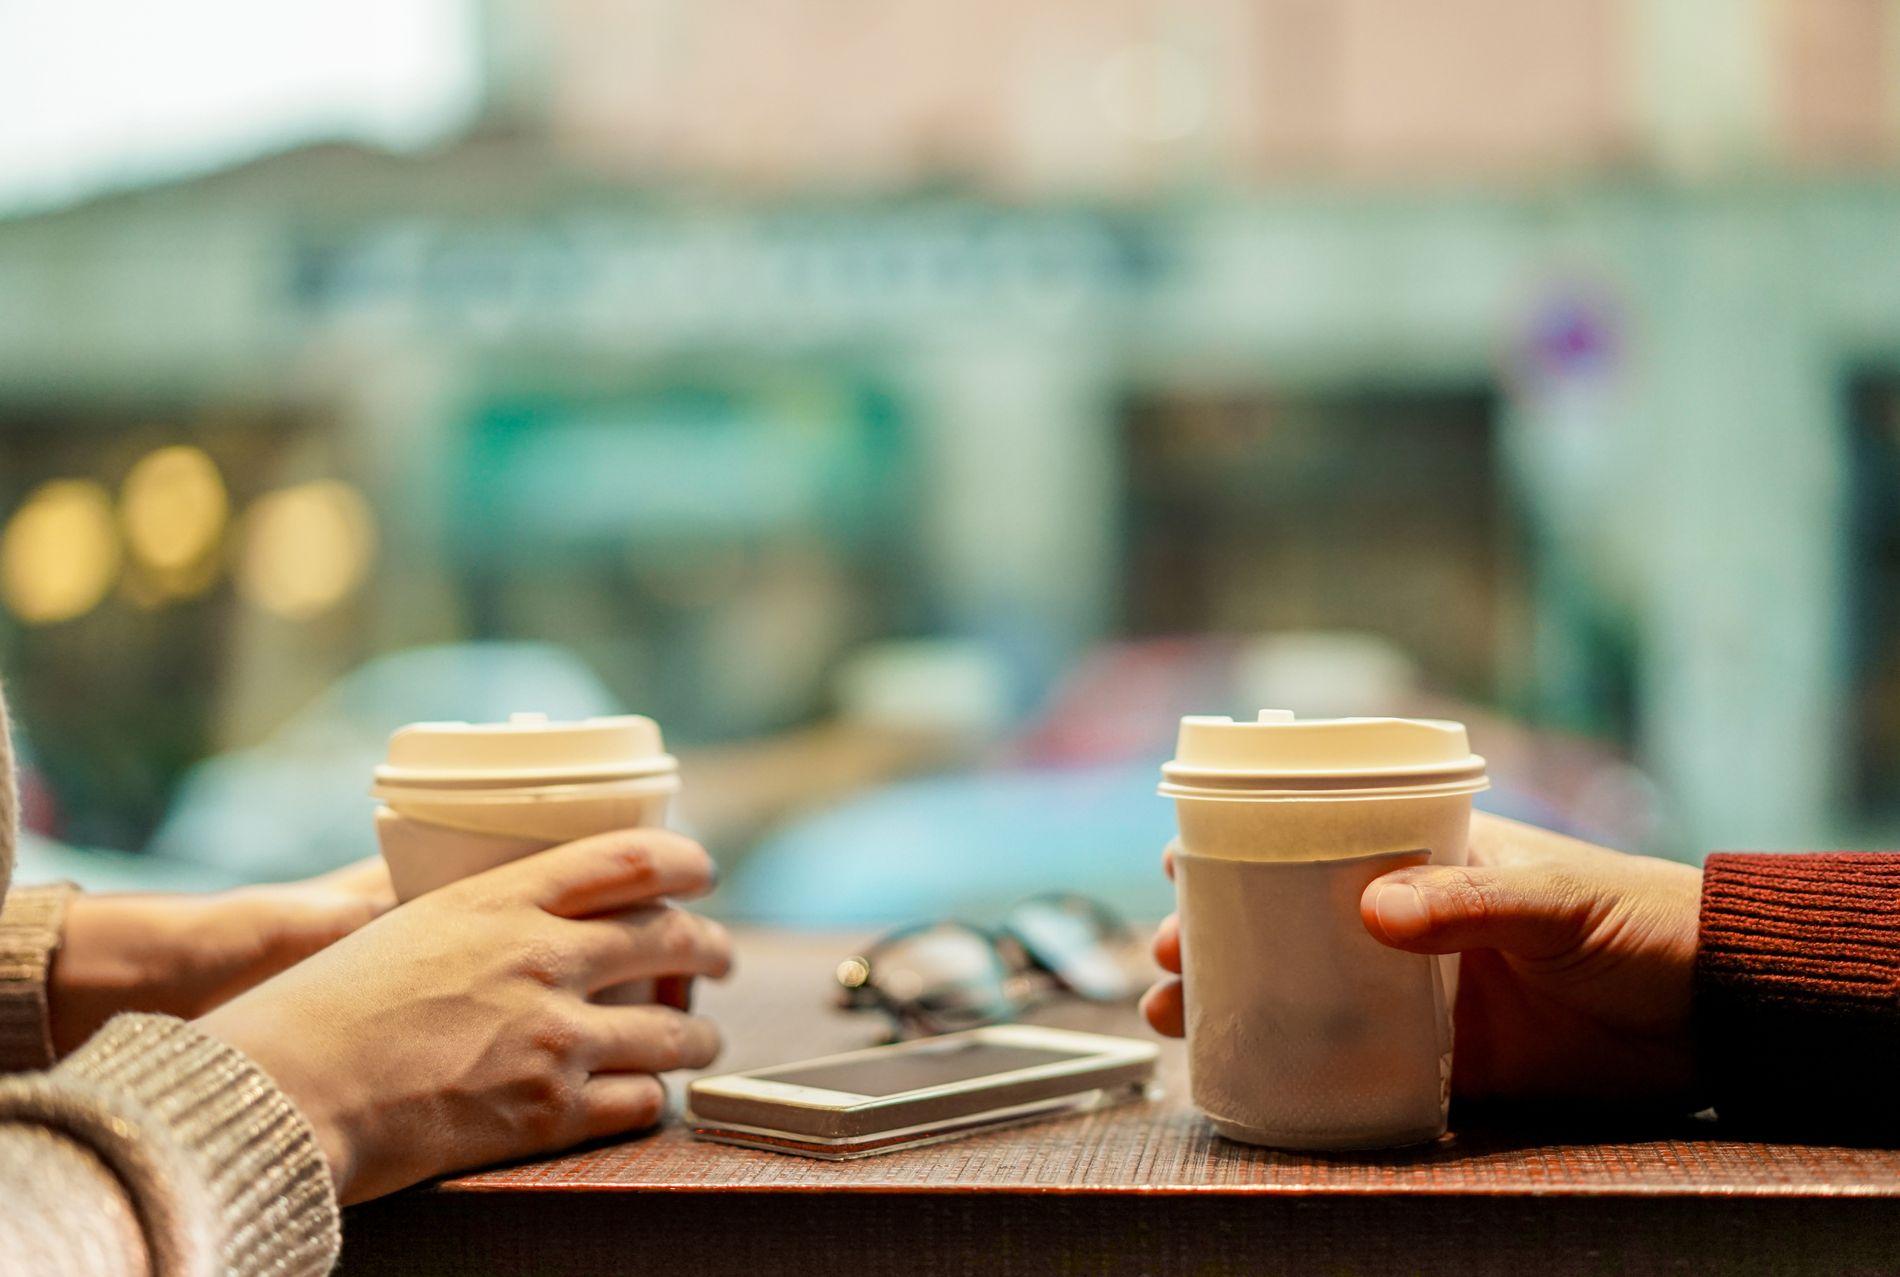 UNIVERSELT SPRÅK: Til alle som kjenner på skepsis og fremmedfrykt: Ta en kaffe, spør om religionen og kulturen til vedkommende.